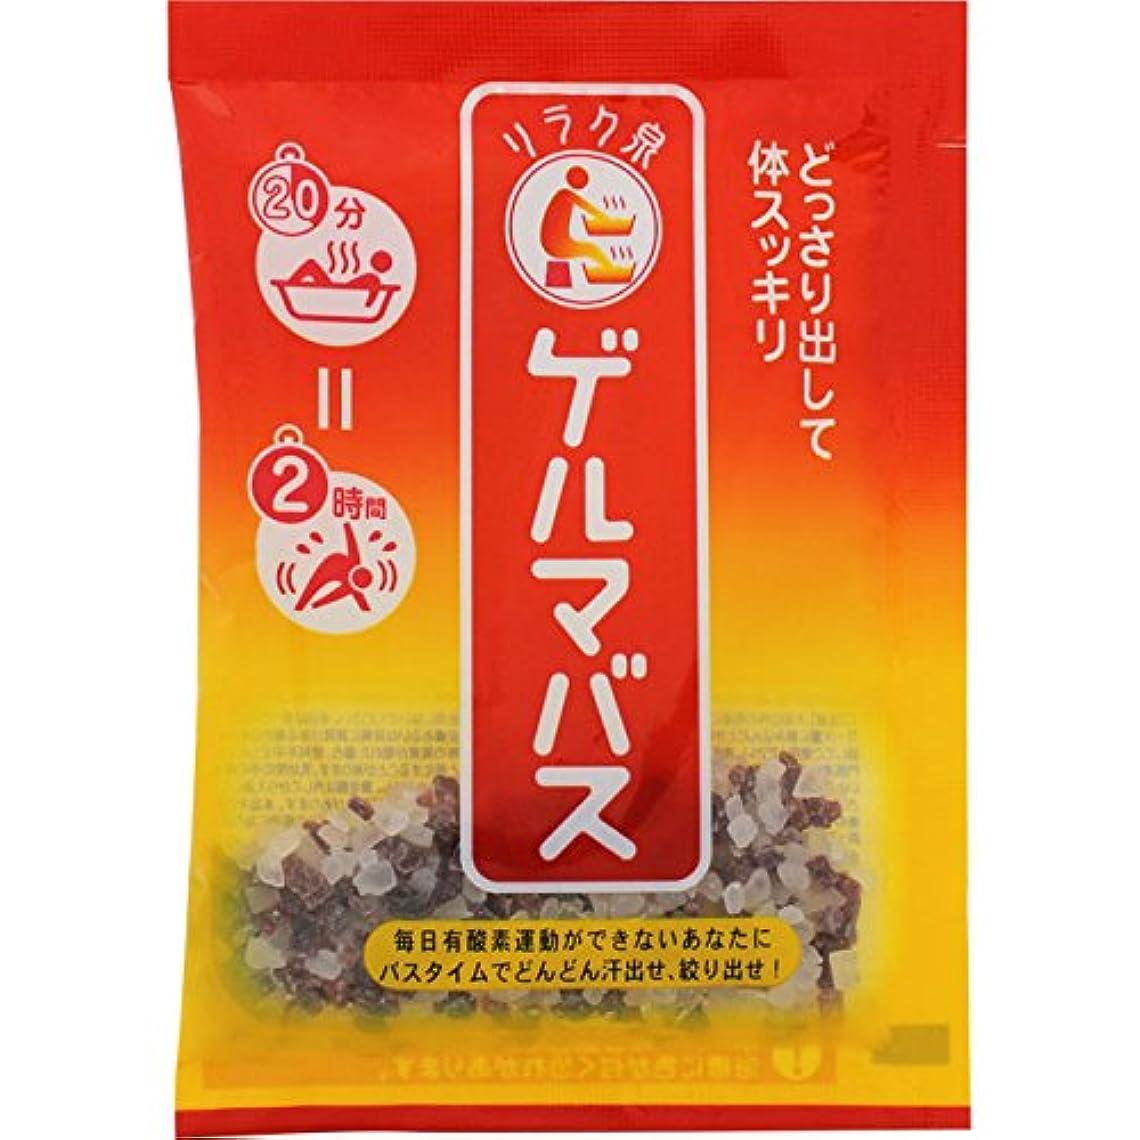 遠征代わりの王子石澤研究所 ゲルマバス 25g